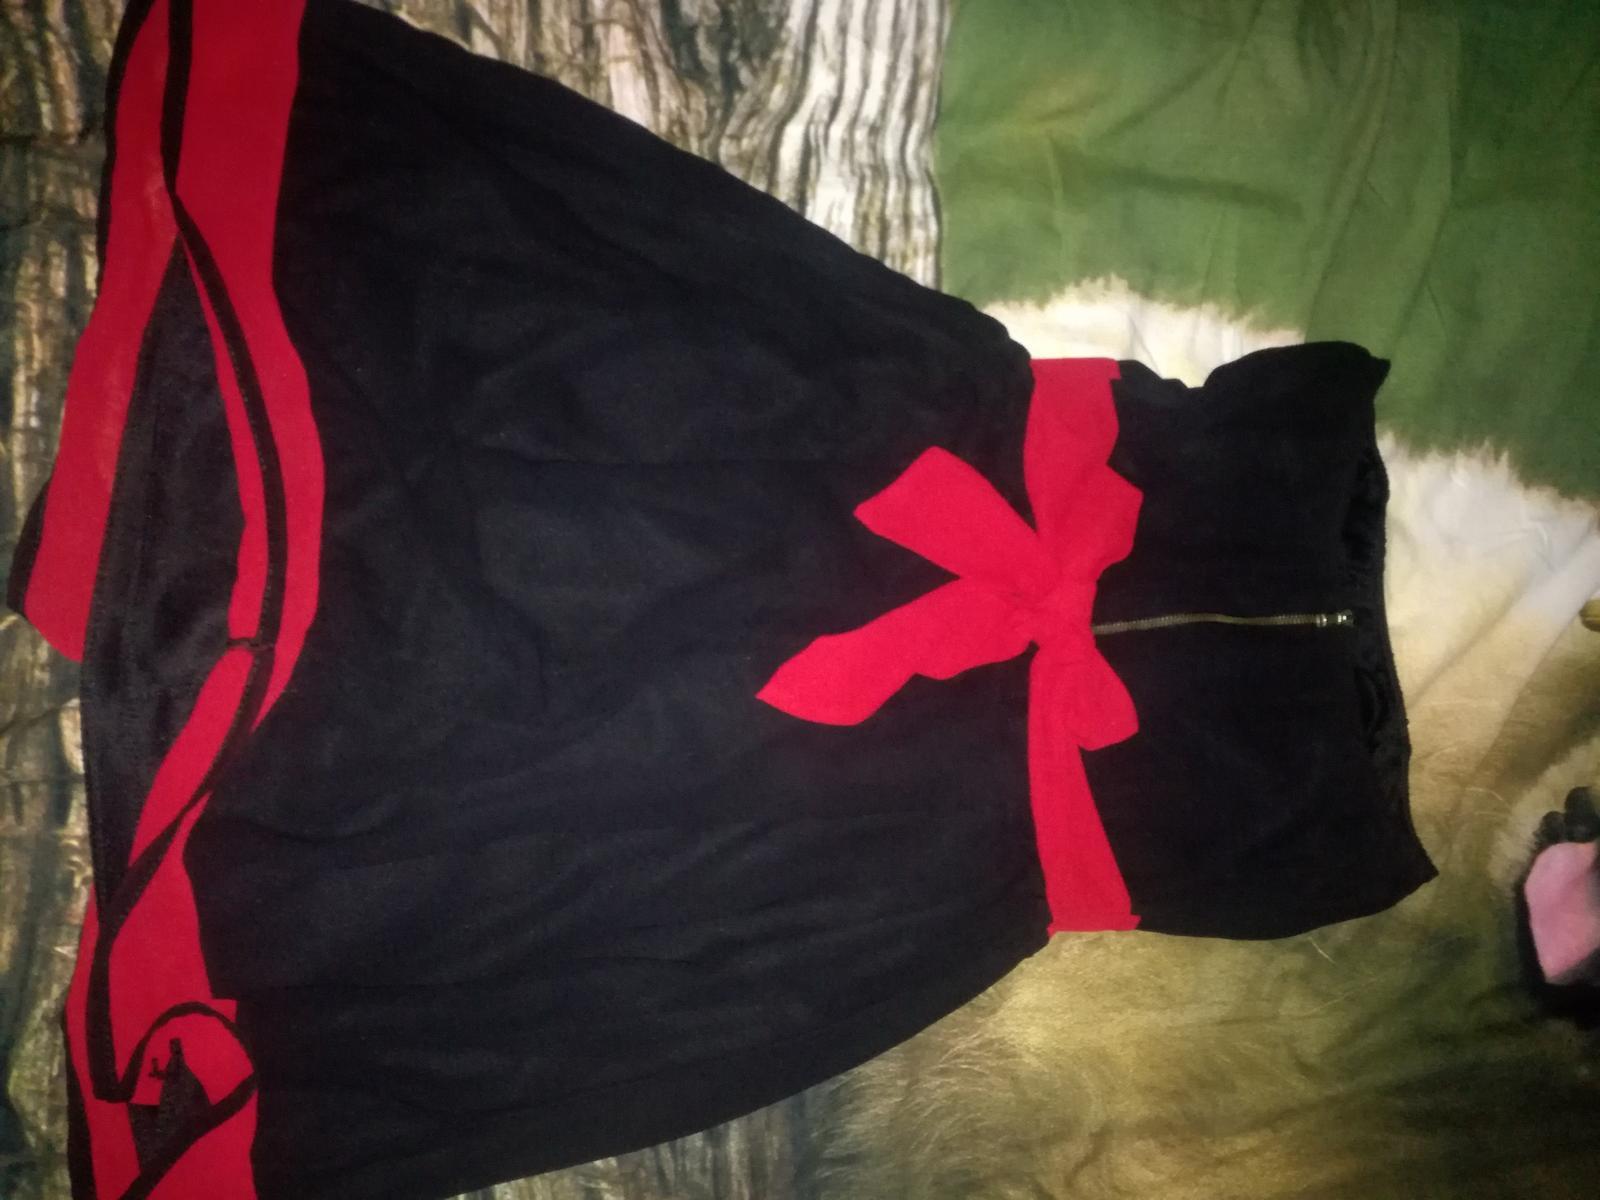 Čierne šaty s červenou stuhou - Obrázok č. 1